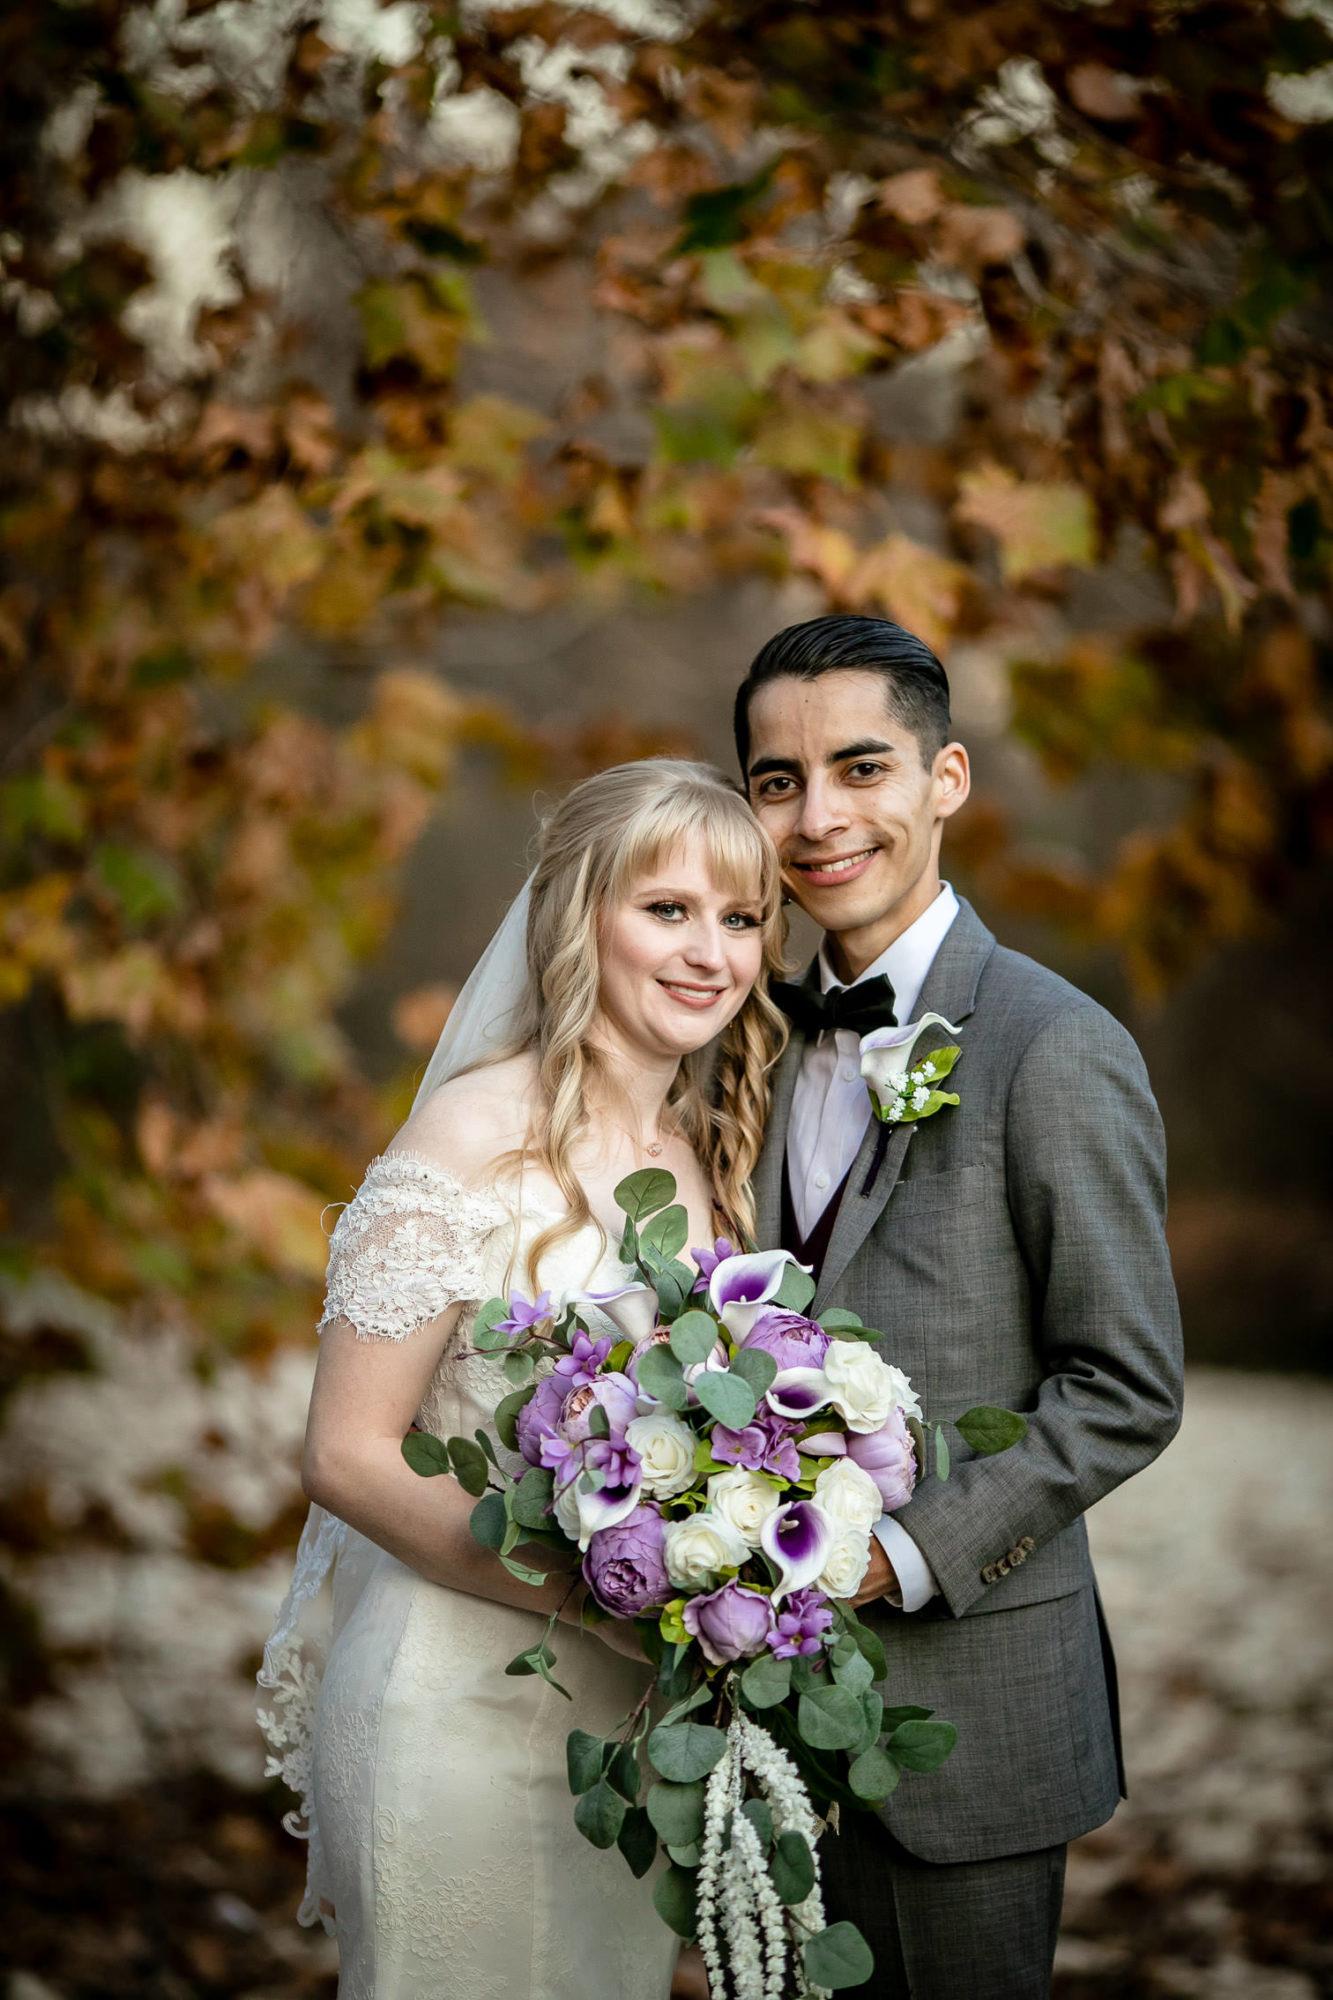 Casa Blanca at Brushy Creek wedding